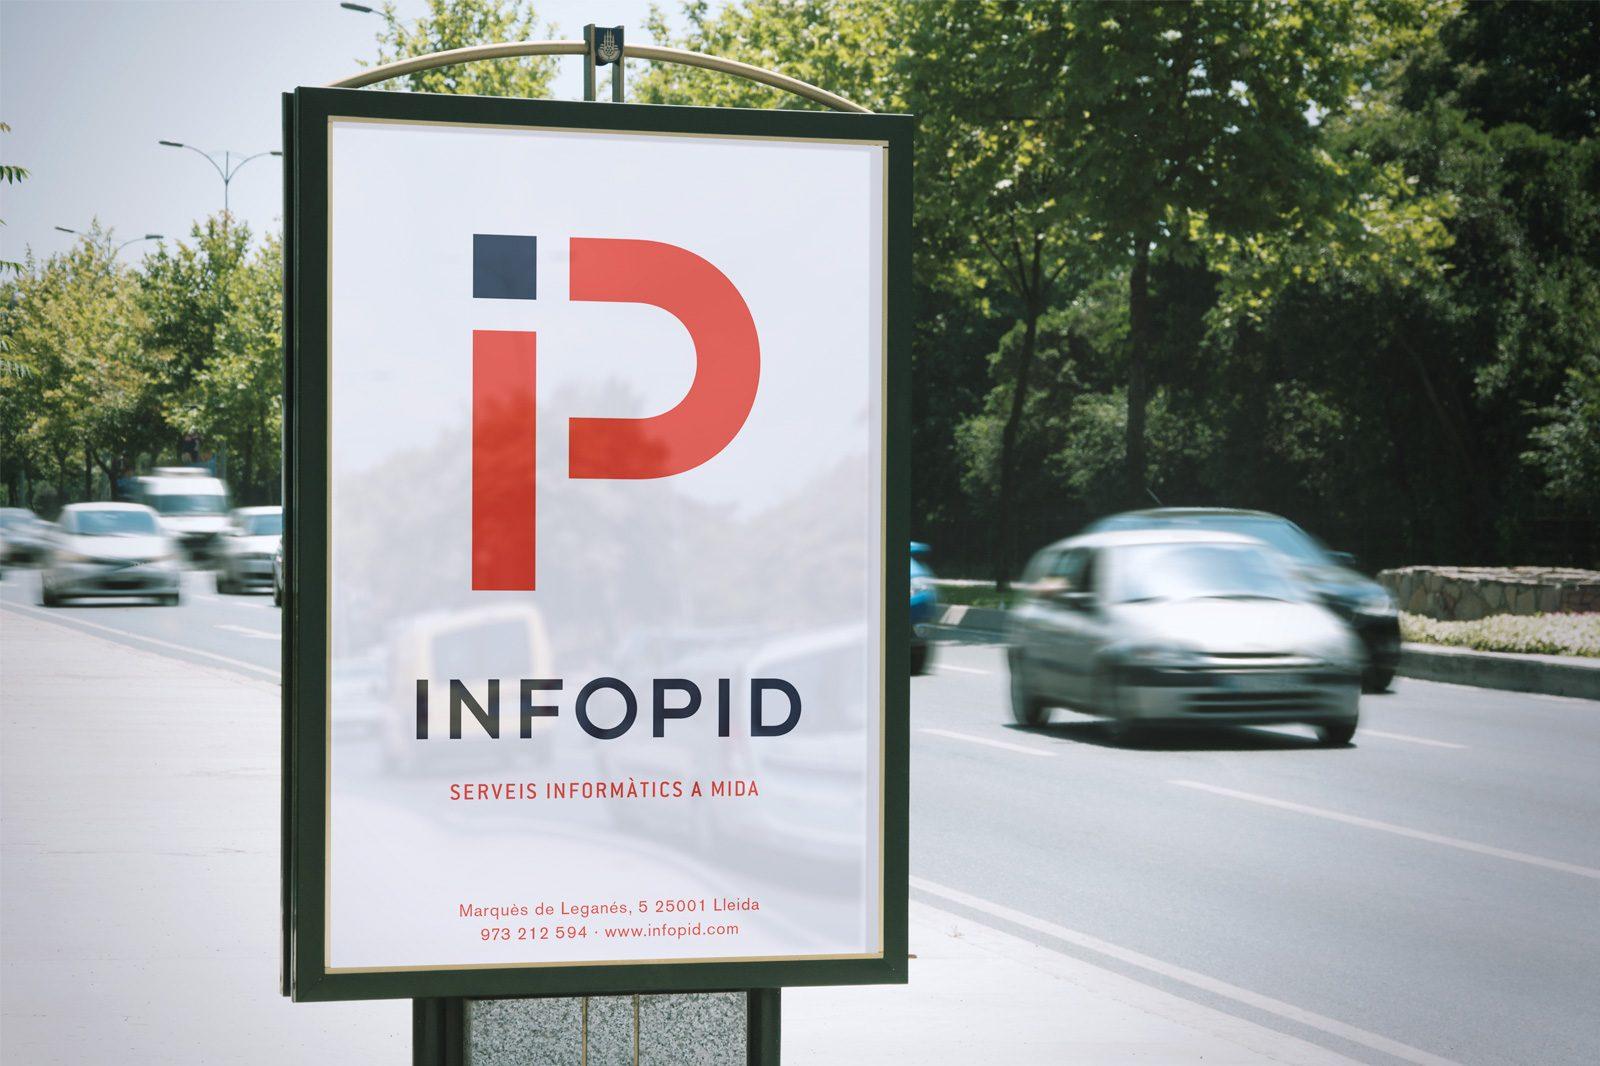 infopid-5